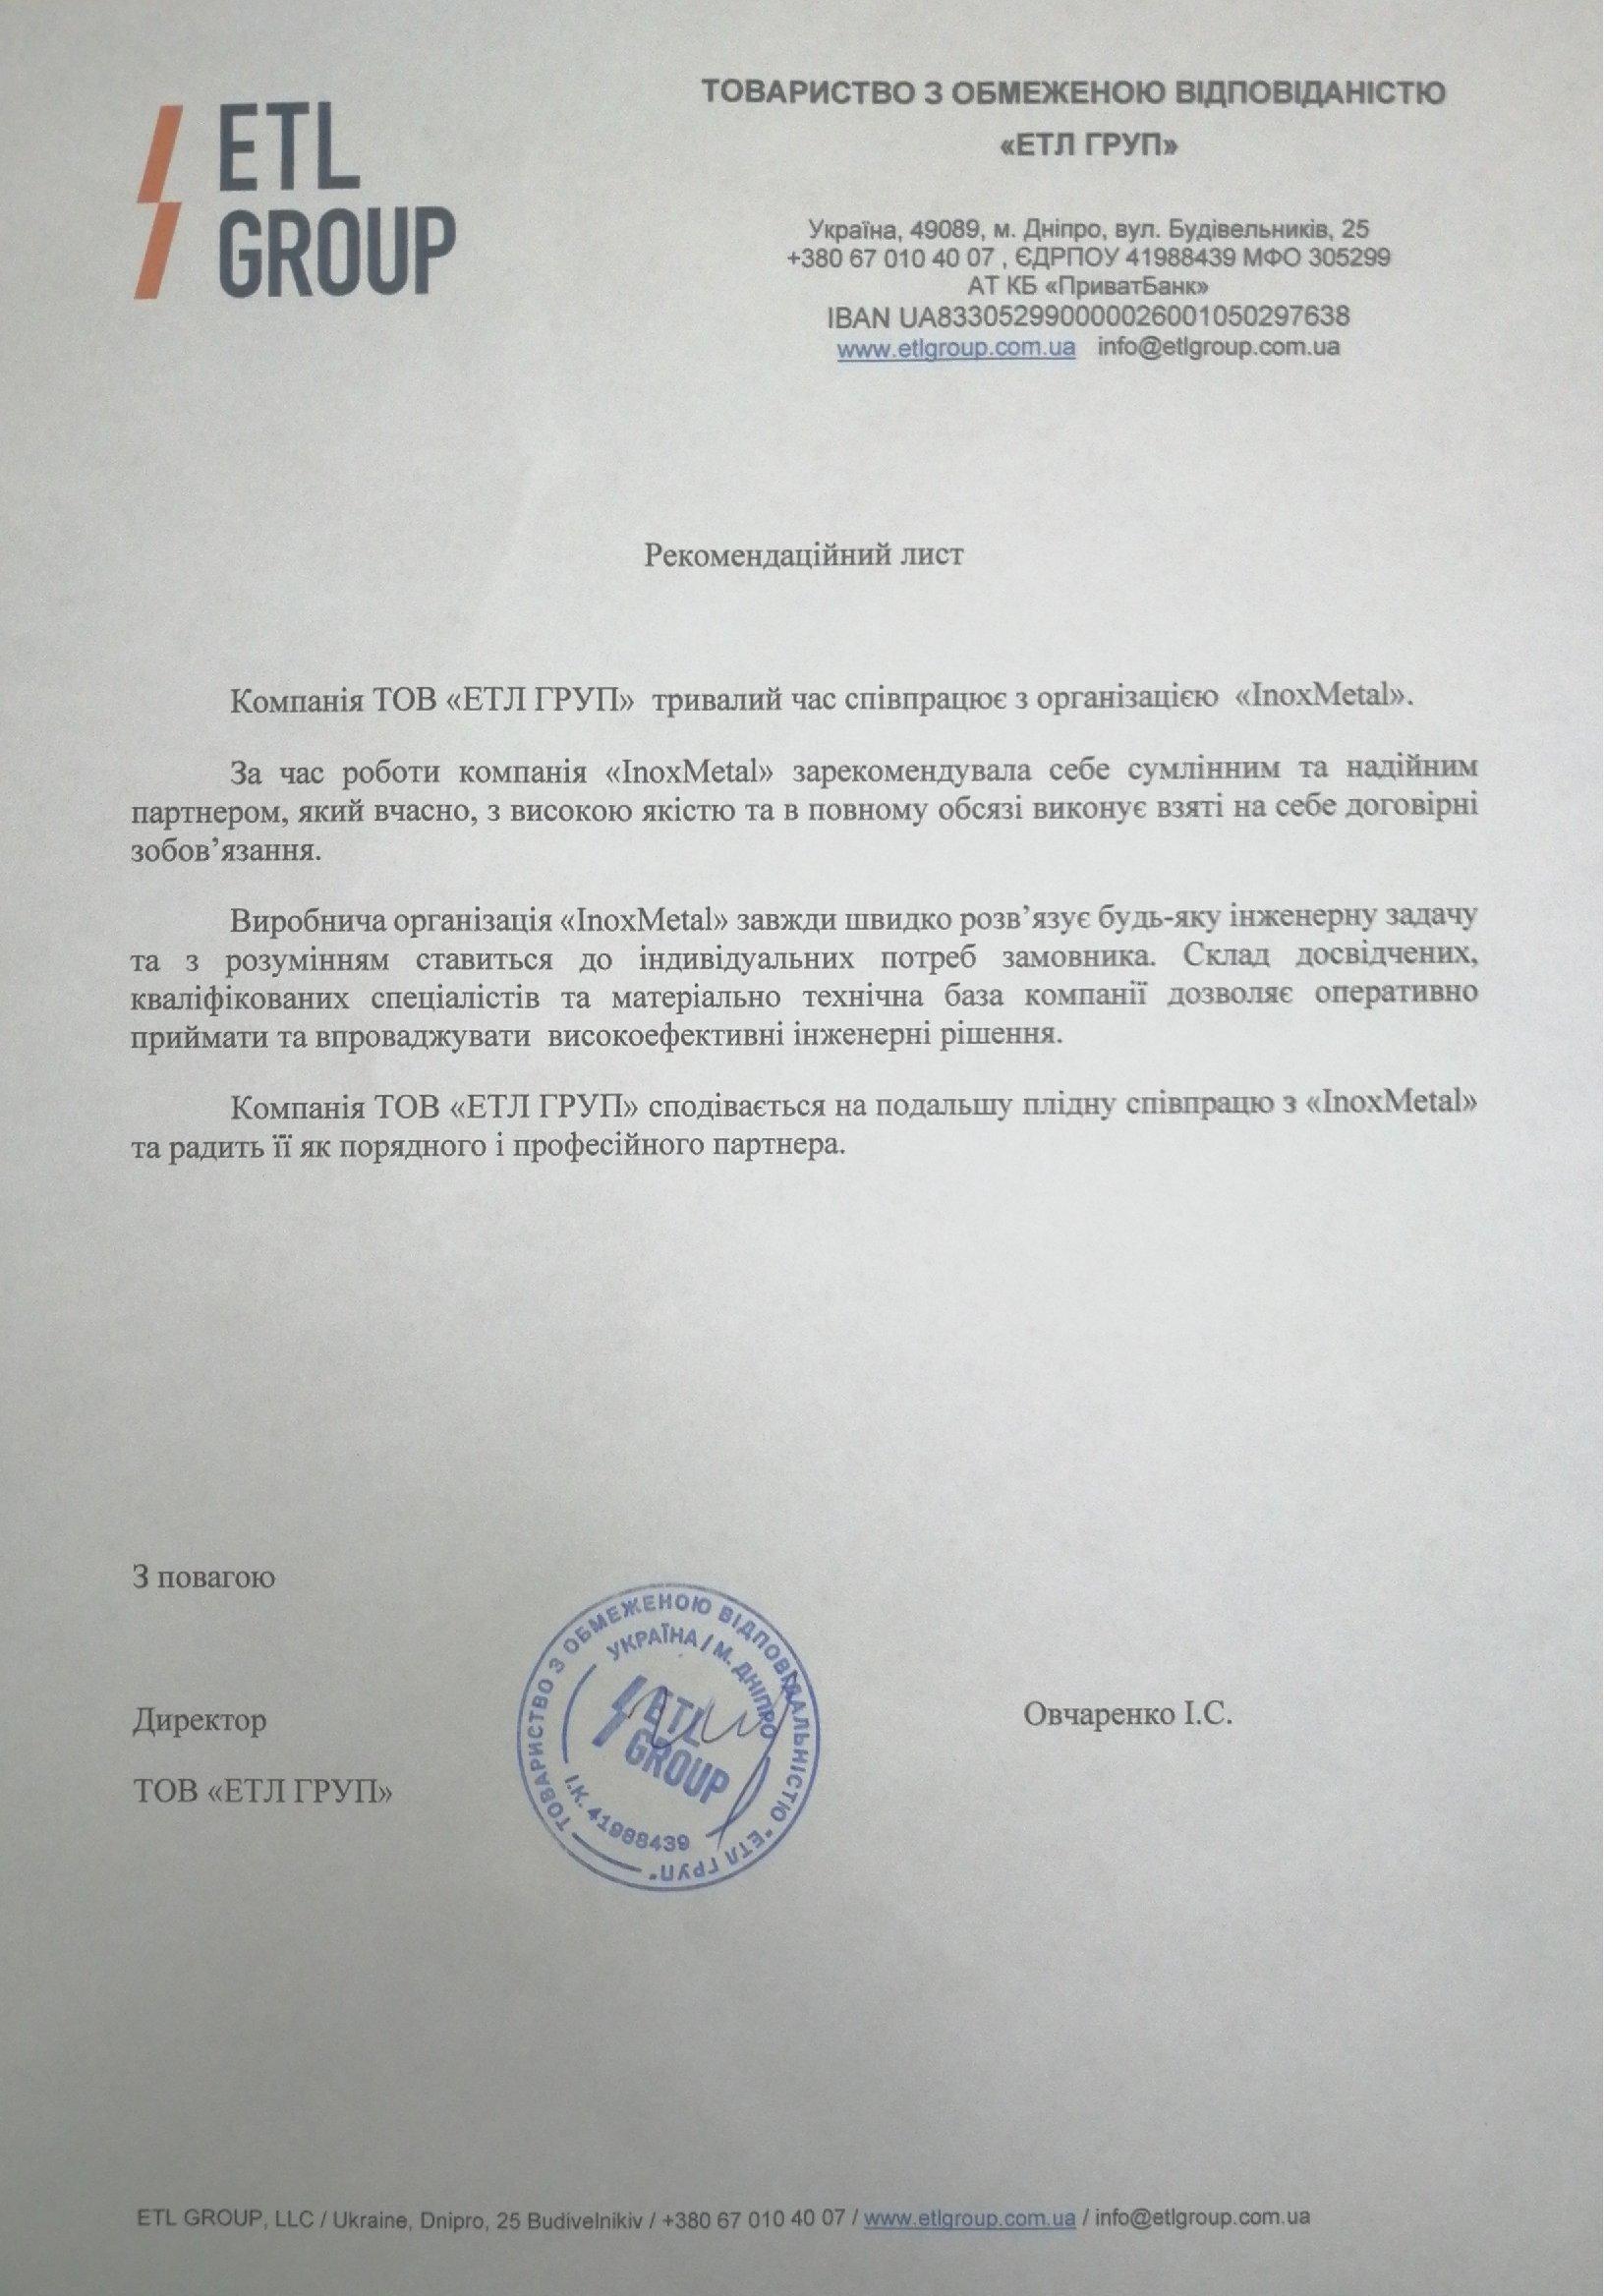 """Скрин отзыва ТОВ """"ЕТЛ ГРУП"""""""